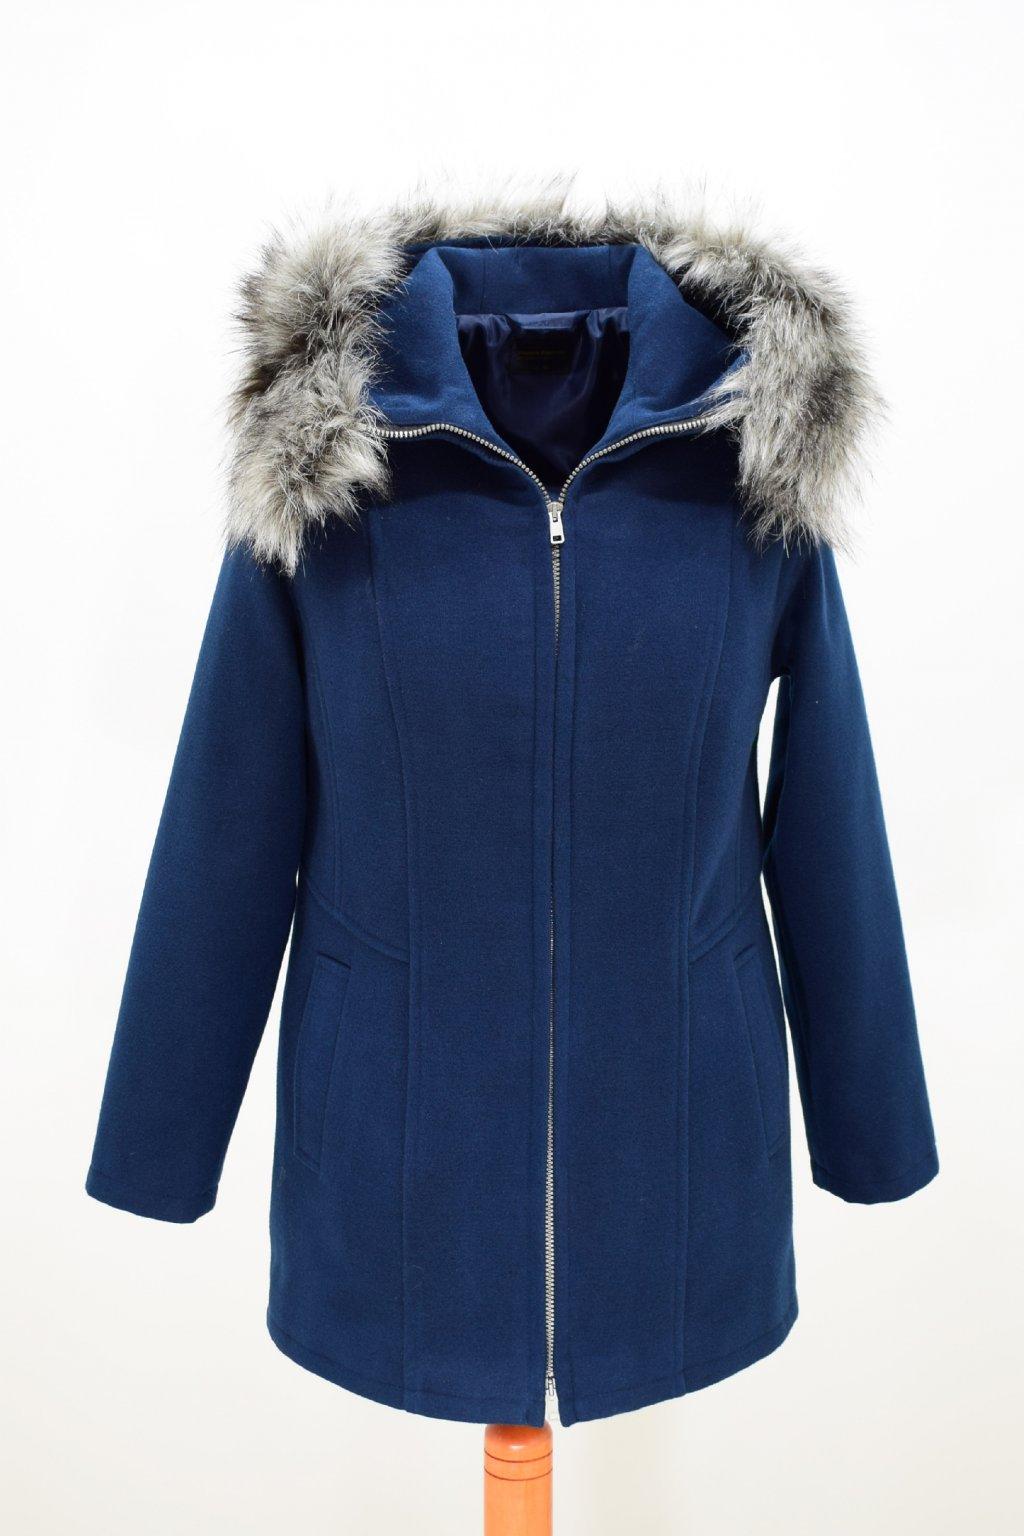 Dámský tmavě modrý zimní kabátek Žaneta nadměrné velikosti.